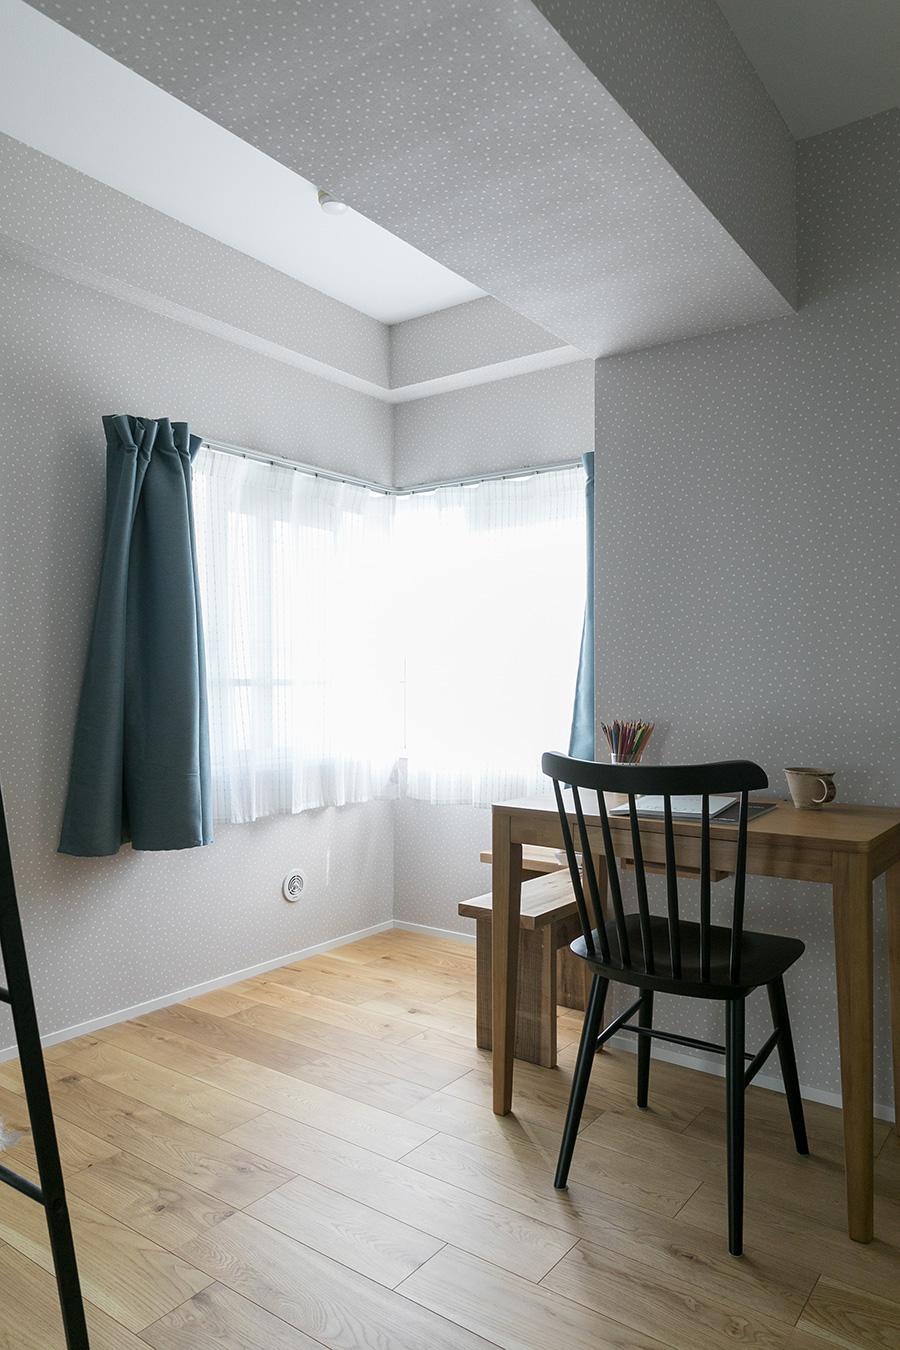 グレーとブルーで統一された洋室は、将来の子ども部屋を想定して用意されている。「こちらは、まだまだこれからです」と笑顔で話すItoさん。